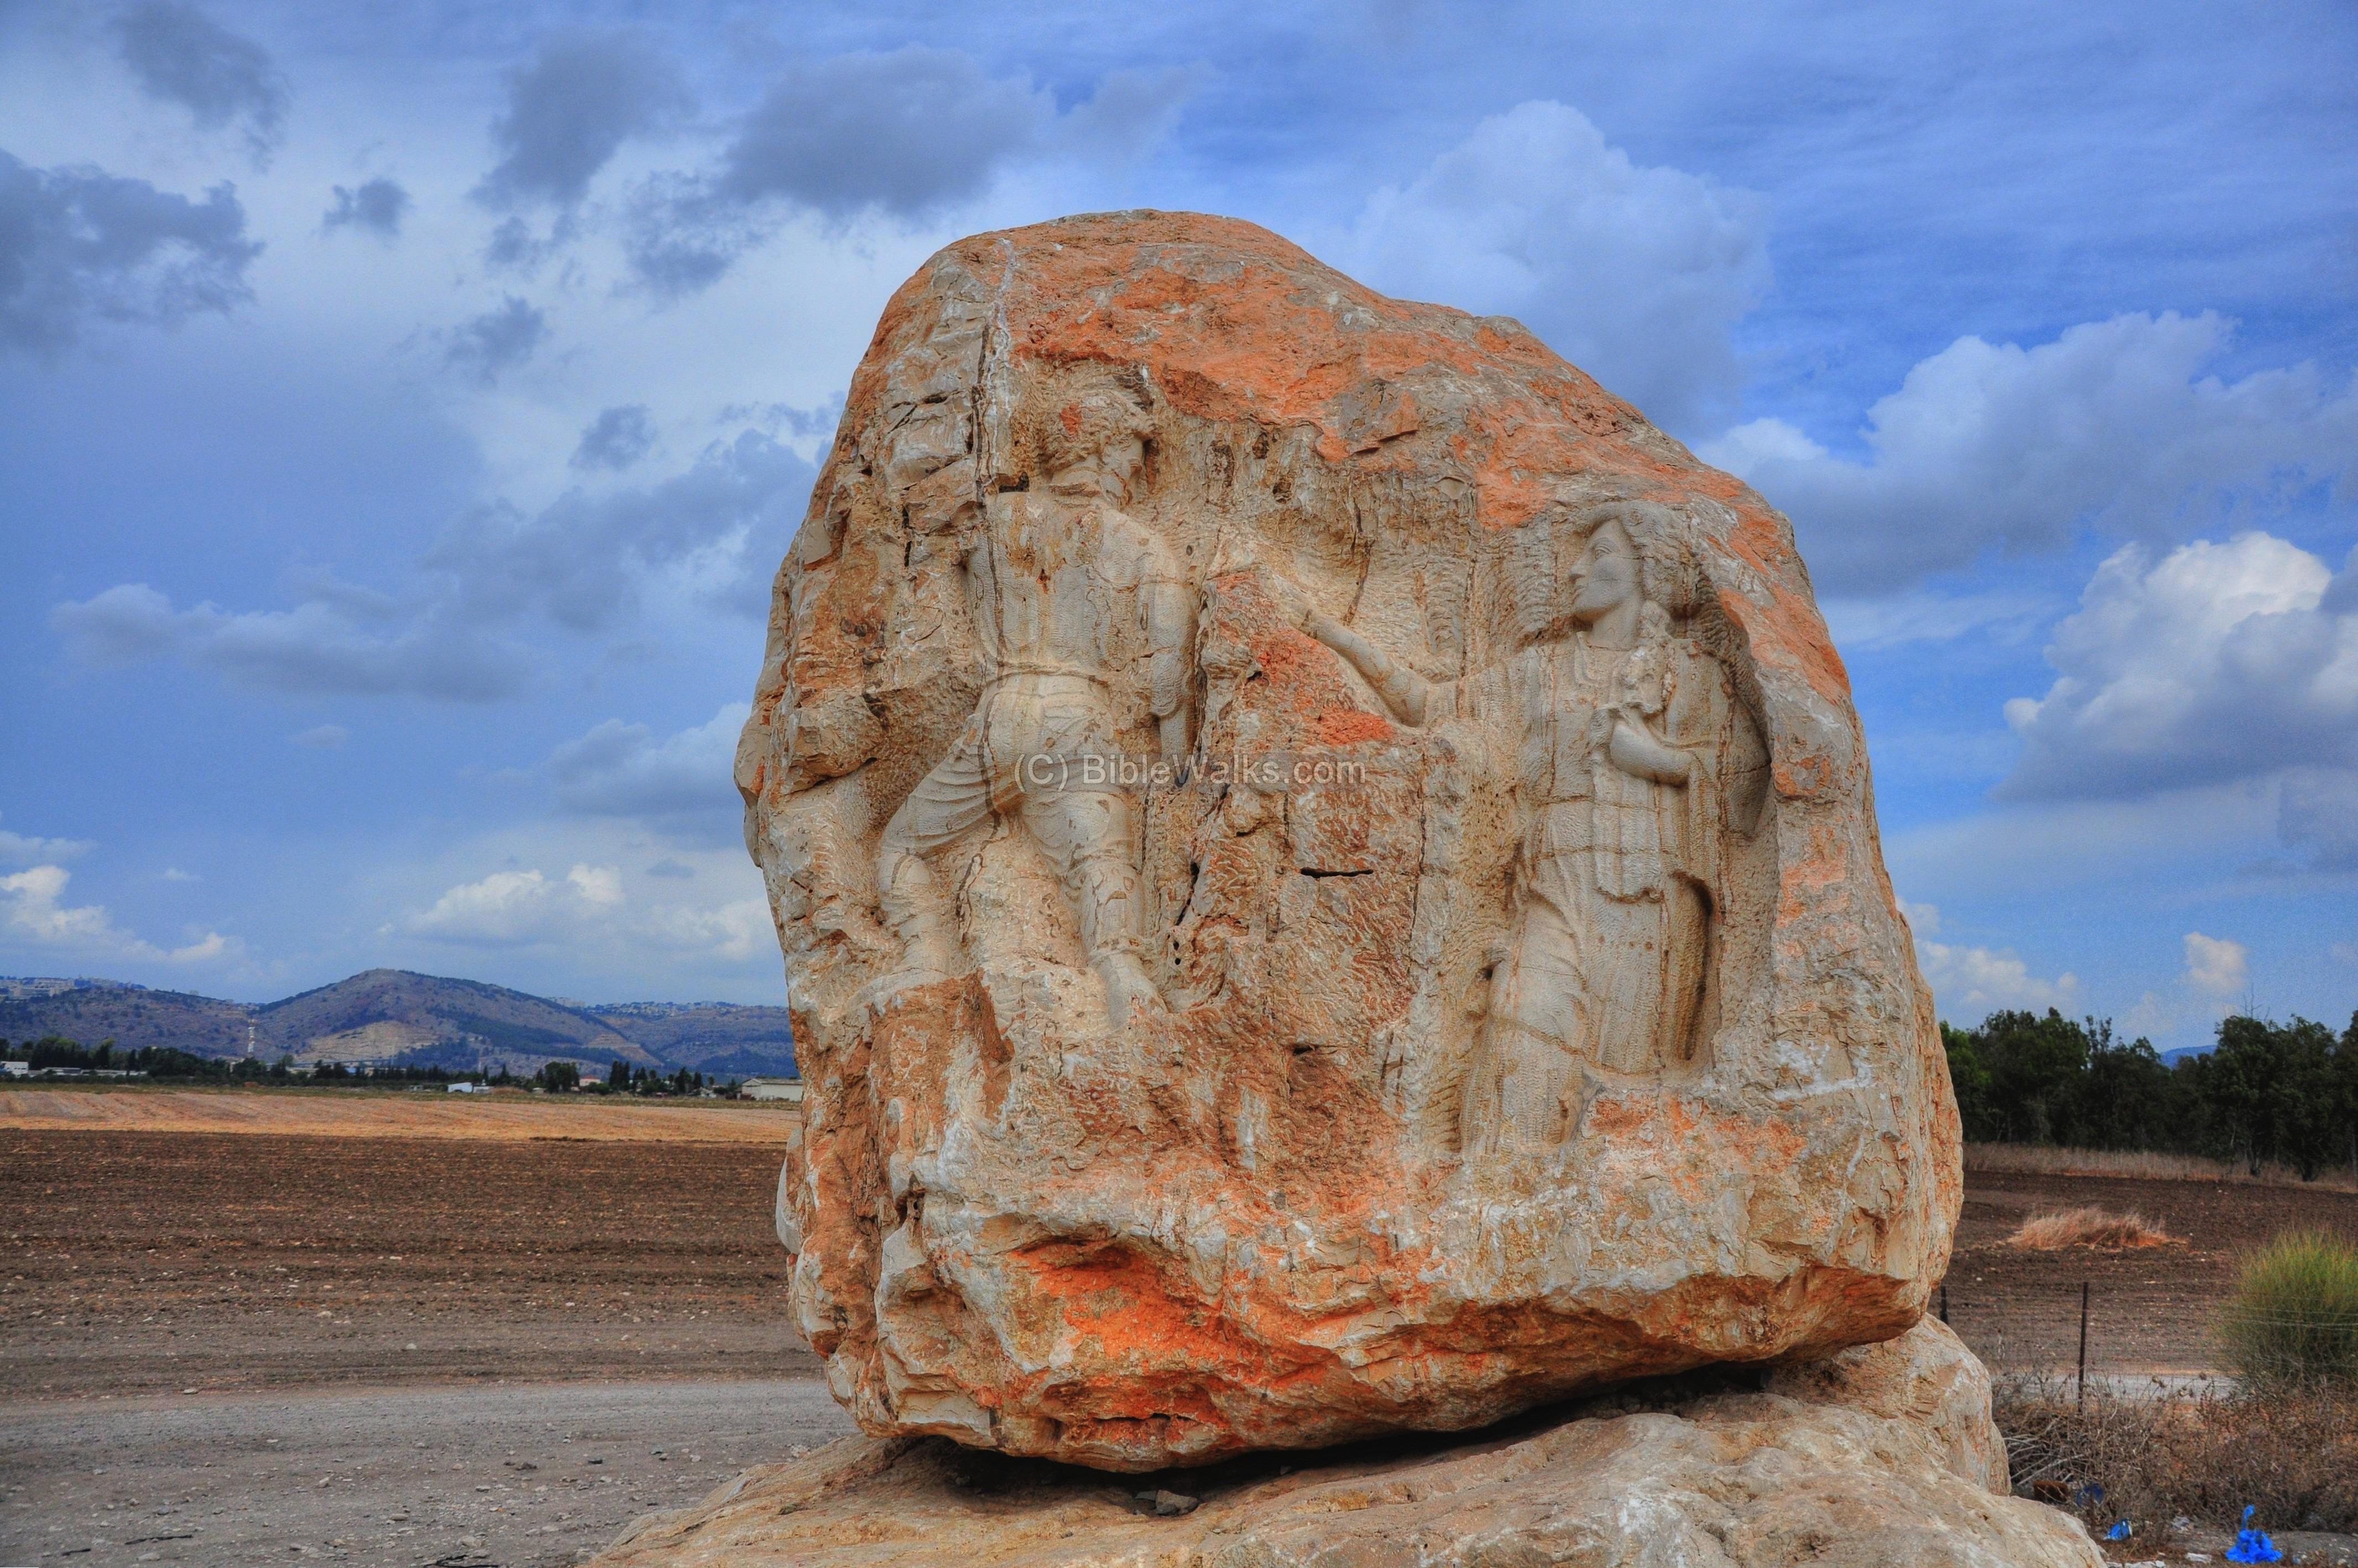 The Rock At Beth Shemesh